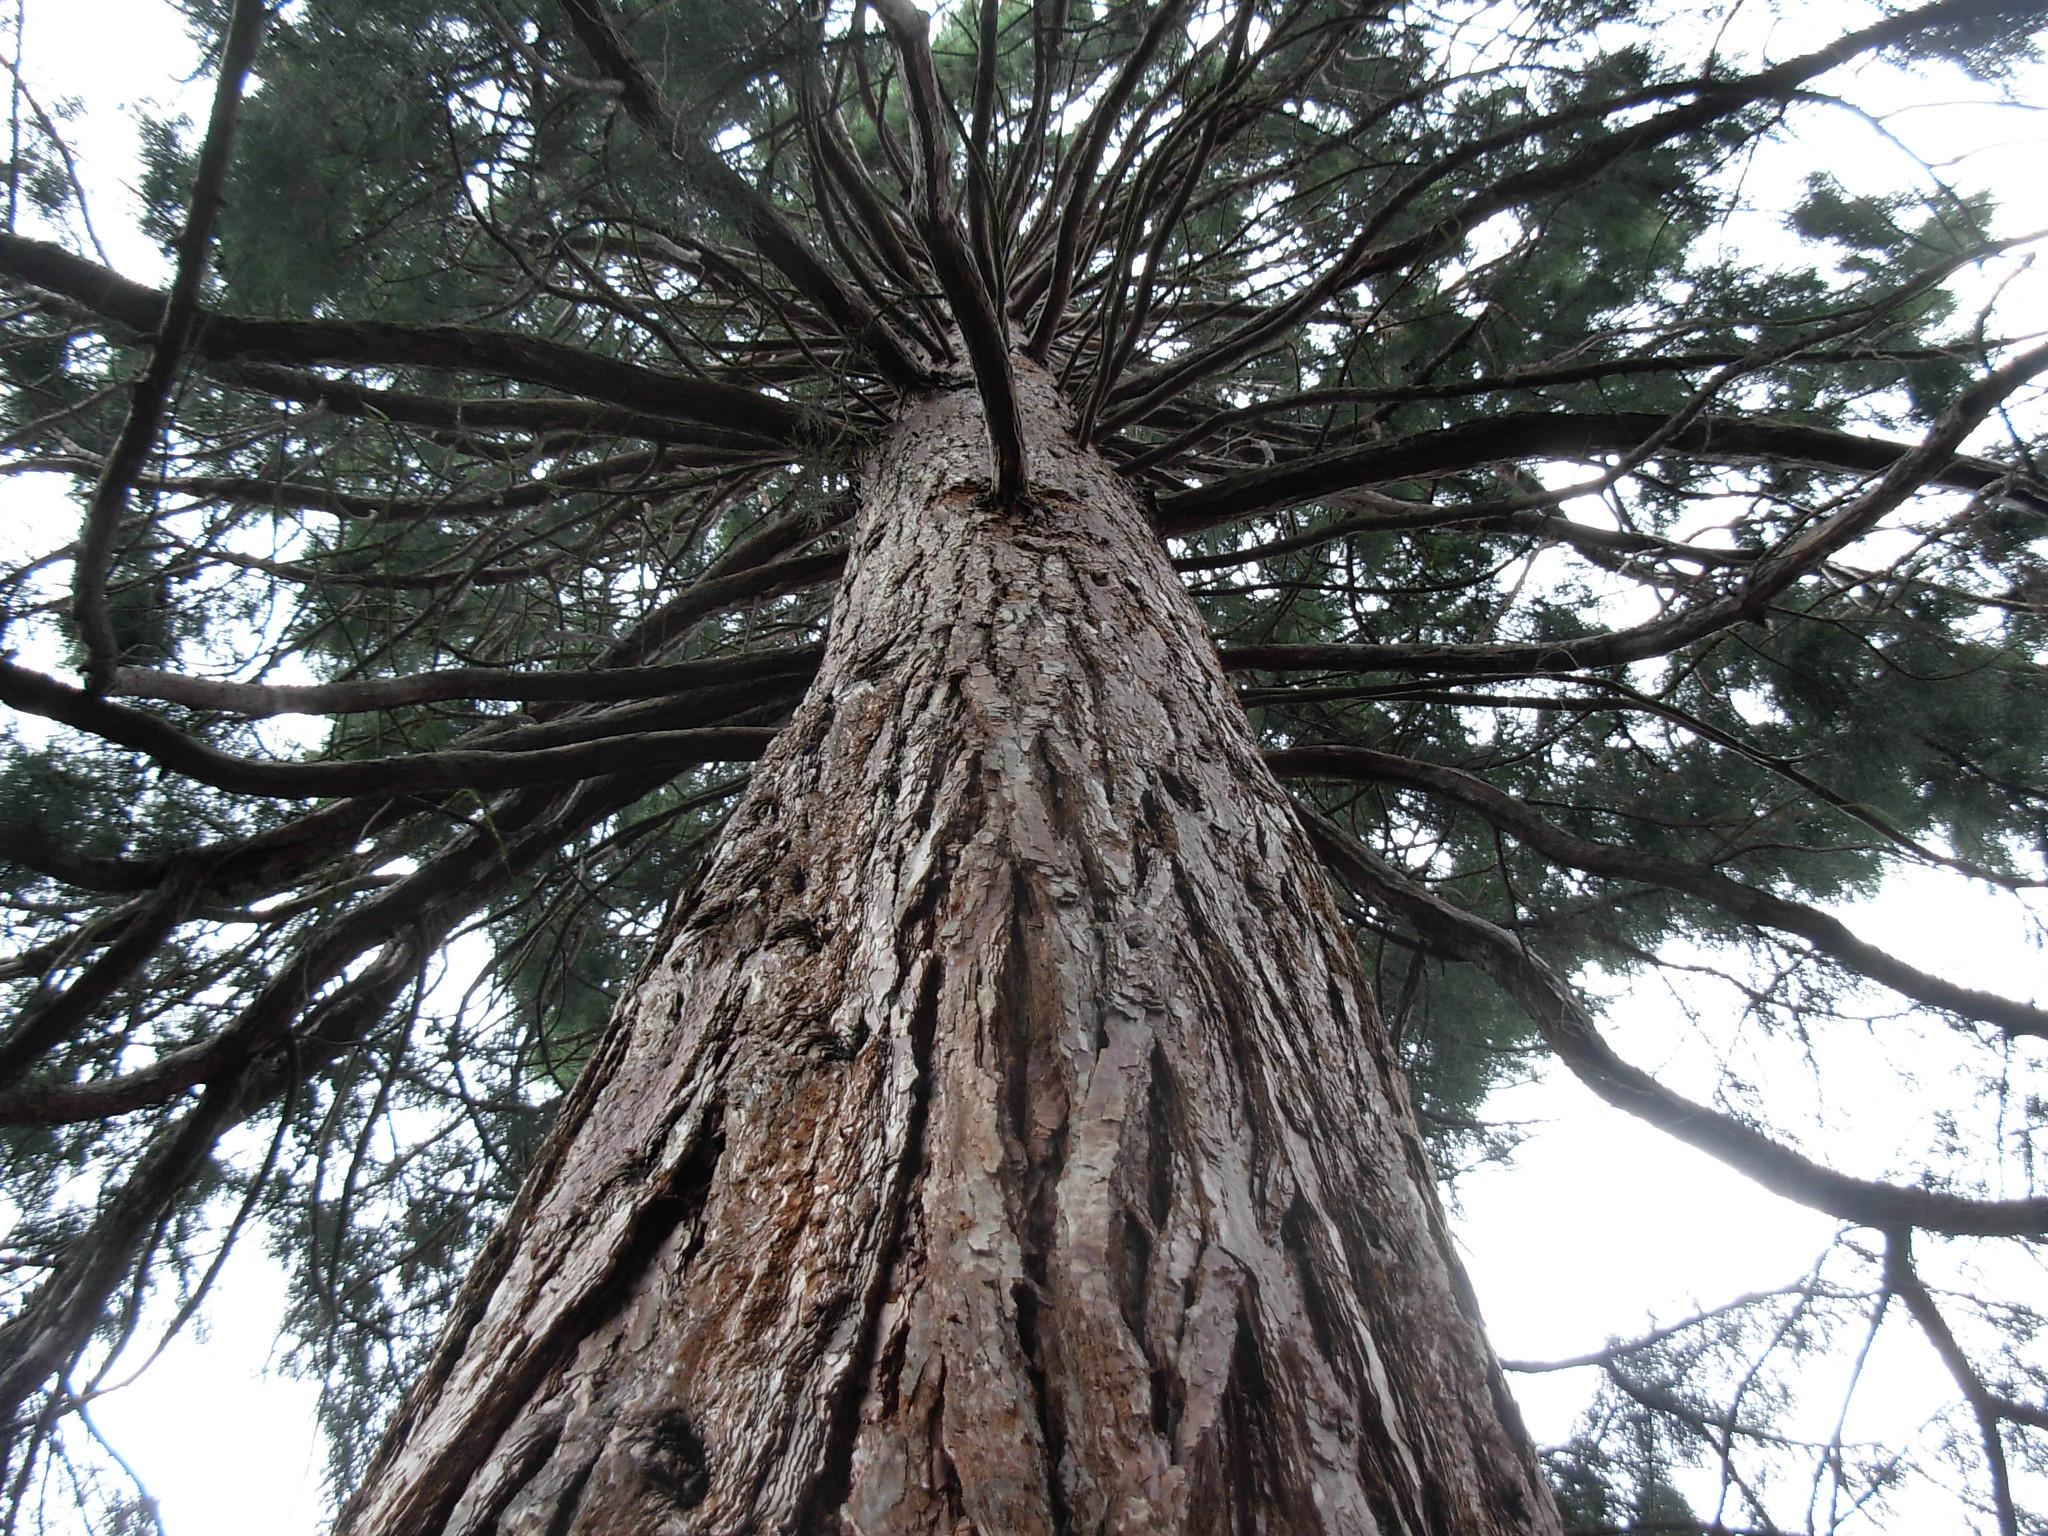 Vista de la Sequoia sempervirens